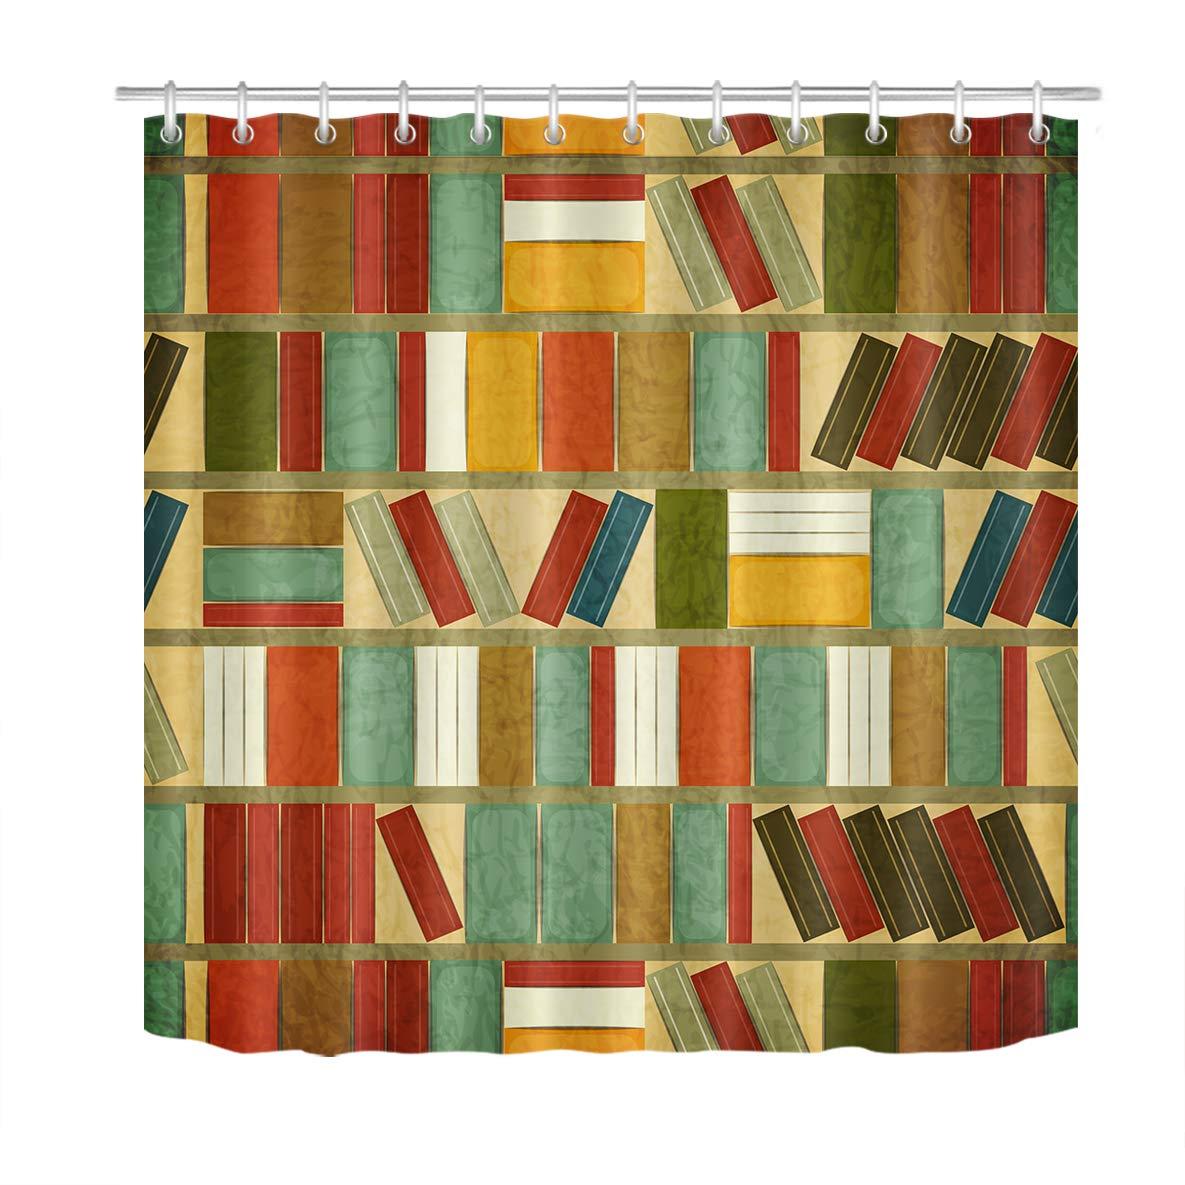 Libreria doccia tenda libri colorati sullo scaffale, bella Bookrack tessuto poliestere modellato tende da bagno impermeabile antimuffa arredamento bagno accessori per la casa con 12 ganci per tende 180x200 cm JinShiZhuan